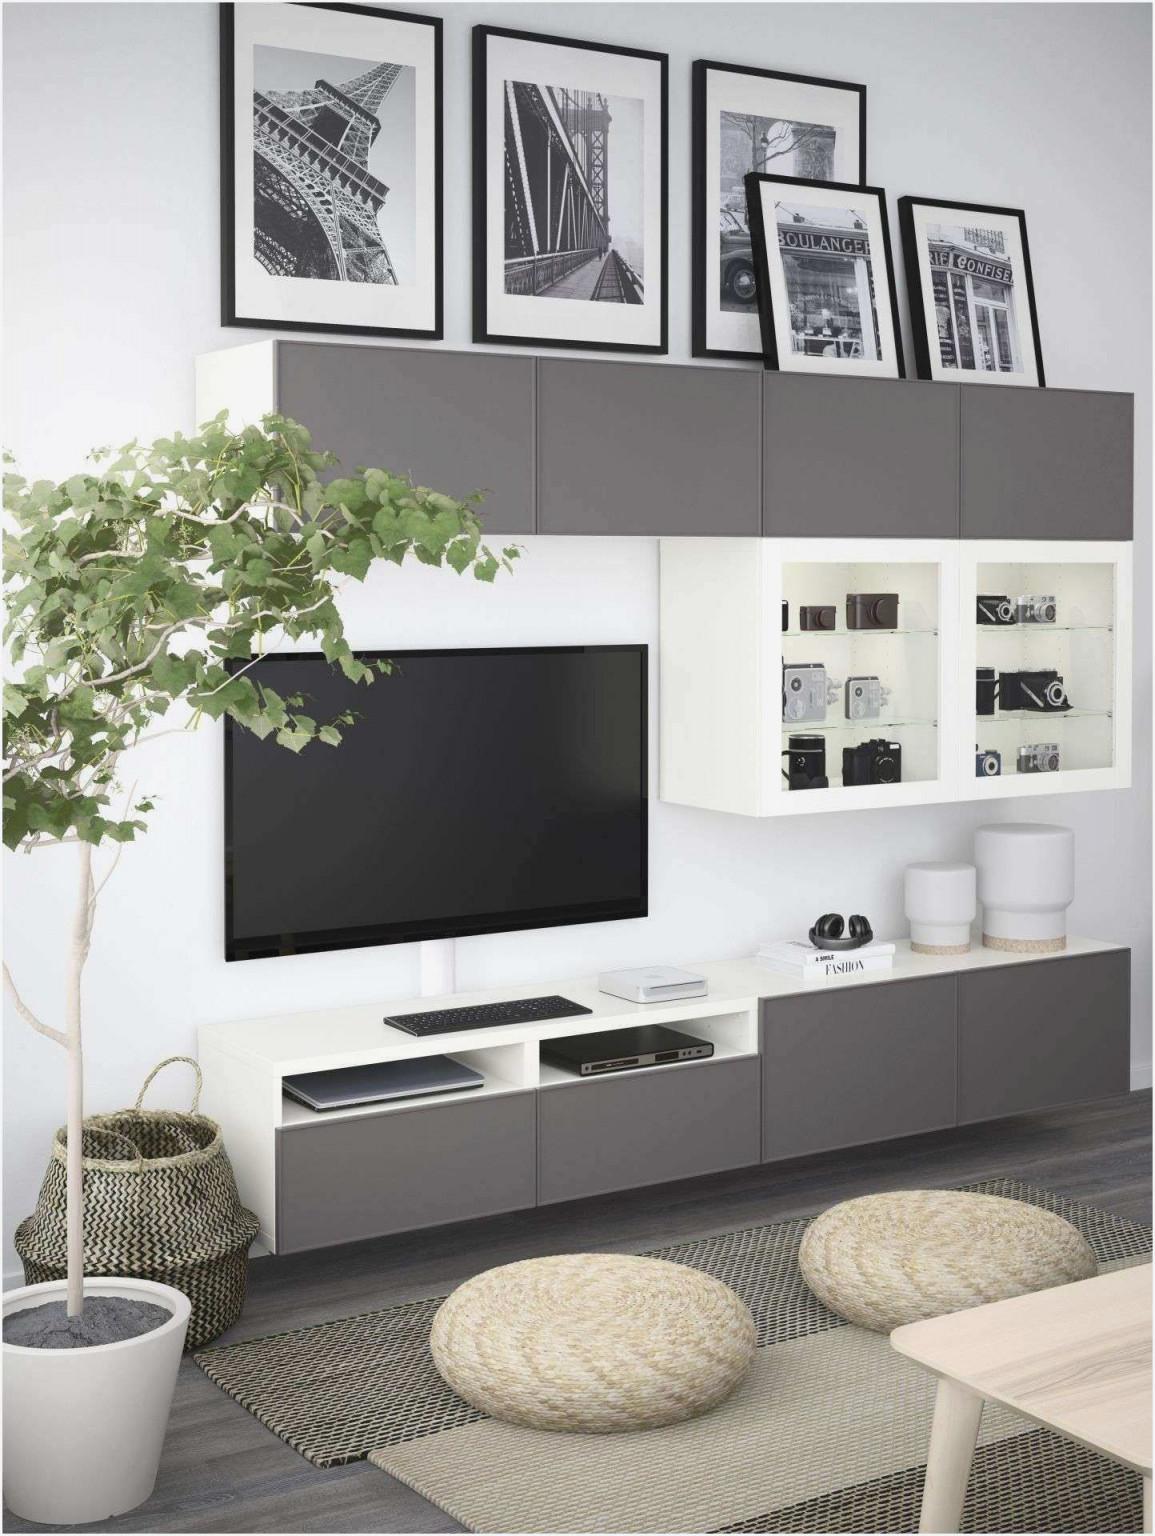 Kleine Wohnzimmer Einrichten Ideen Modern – Caseconrad von Einrichtung Wohnzimmer Ideen Photo